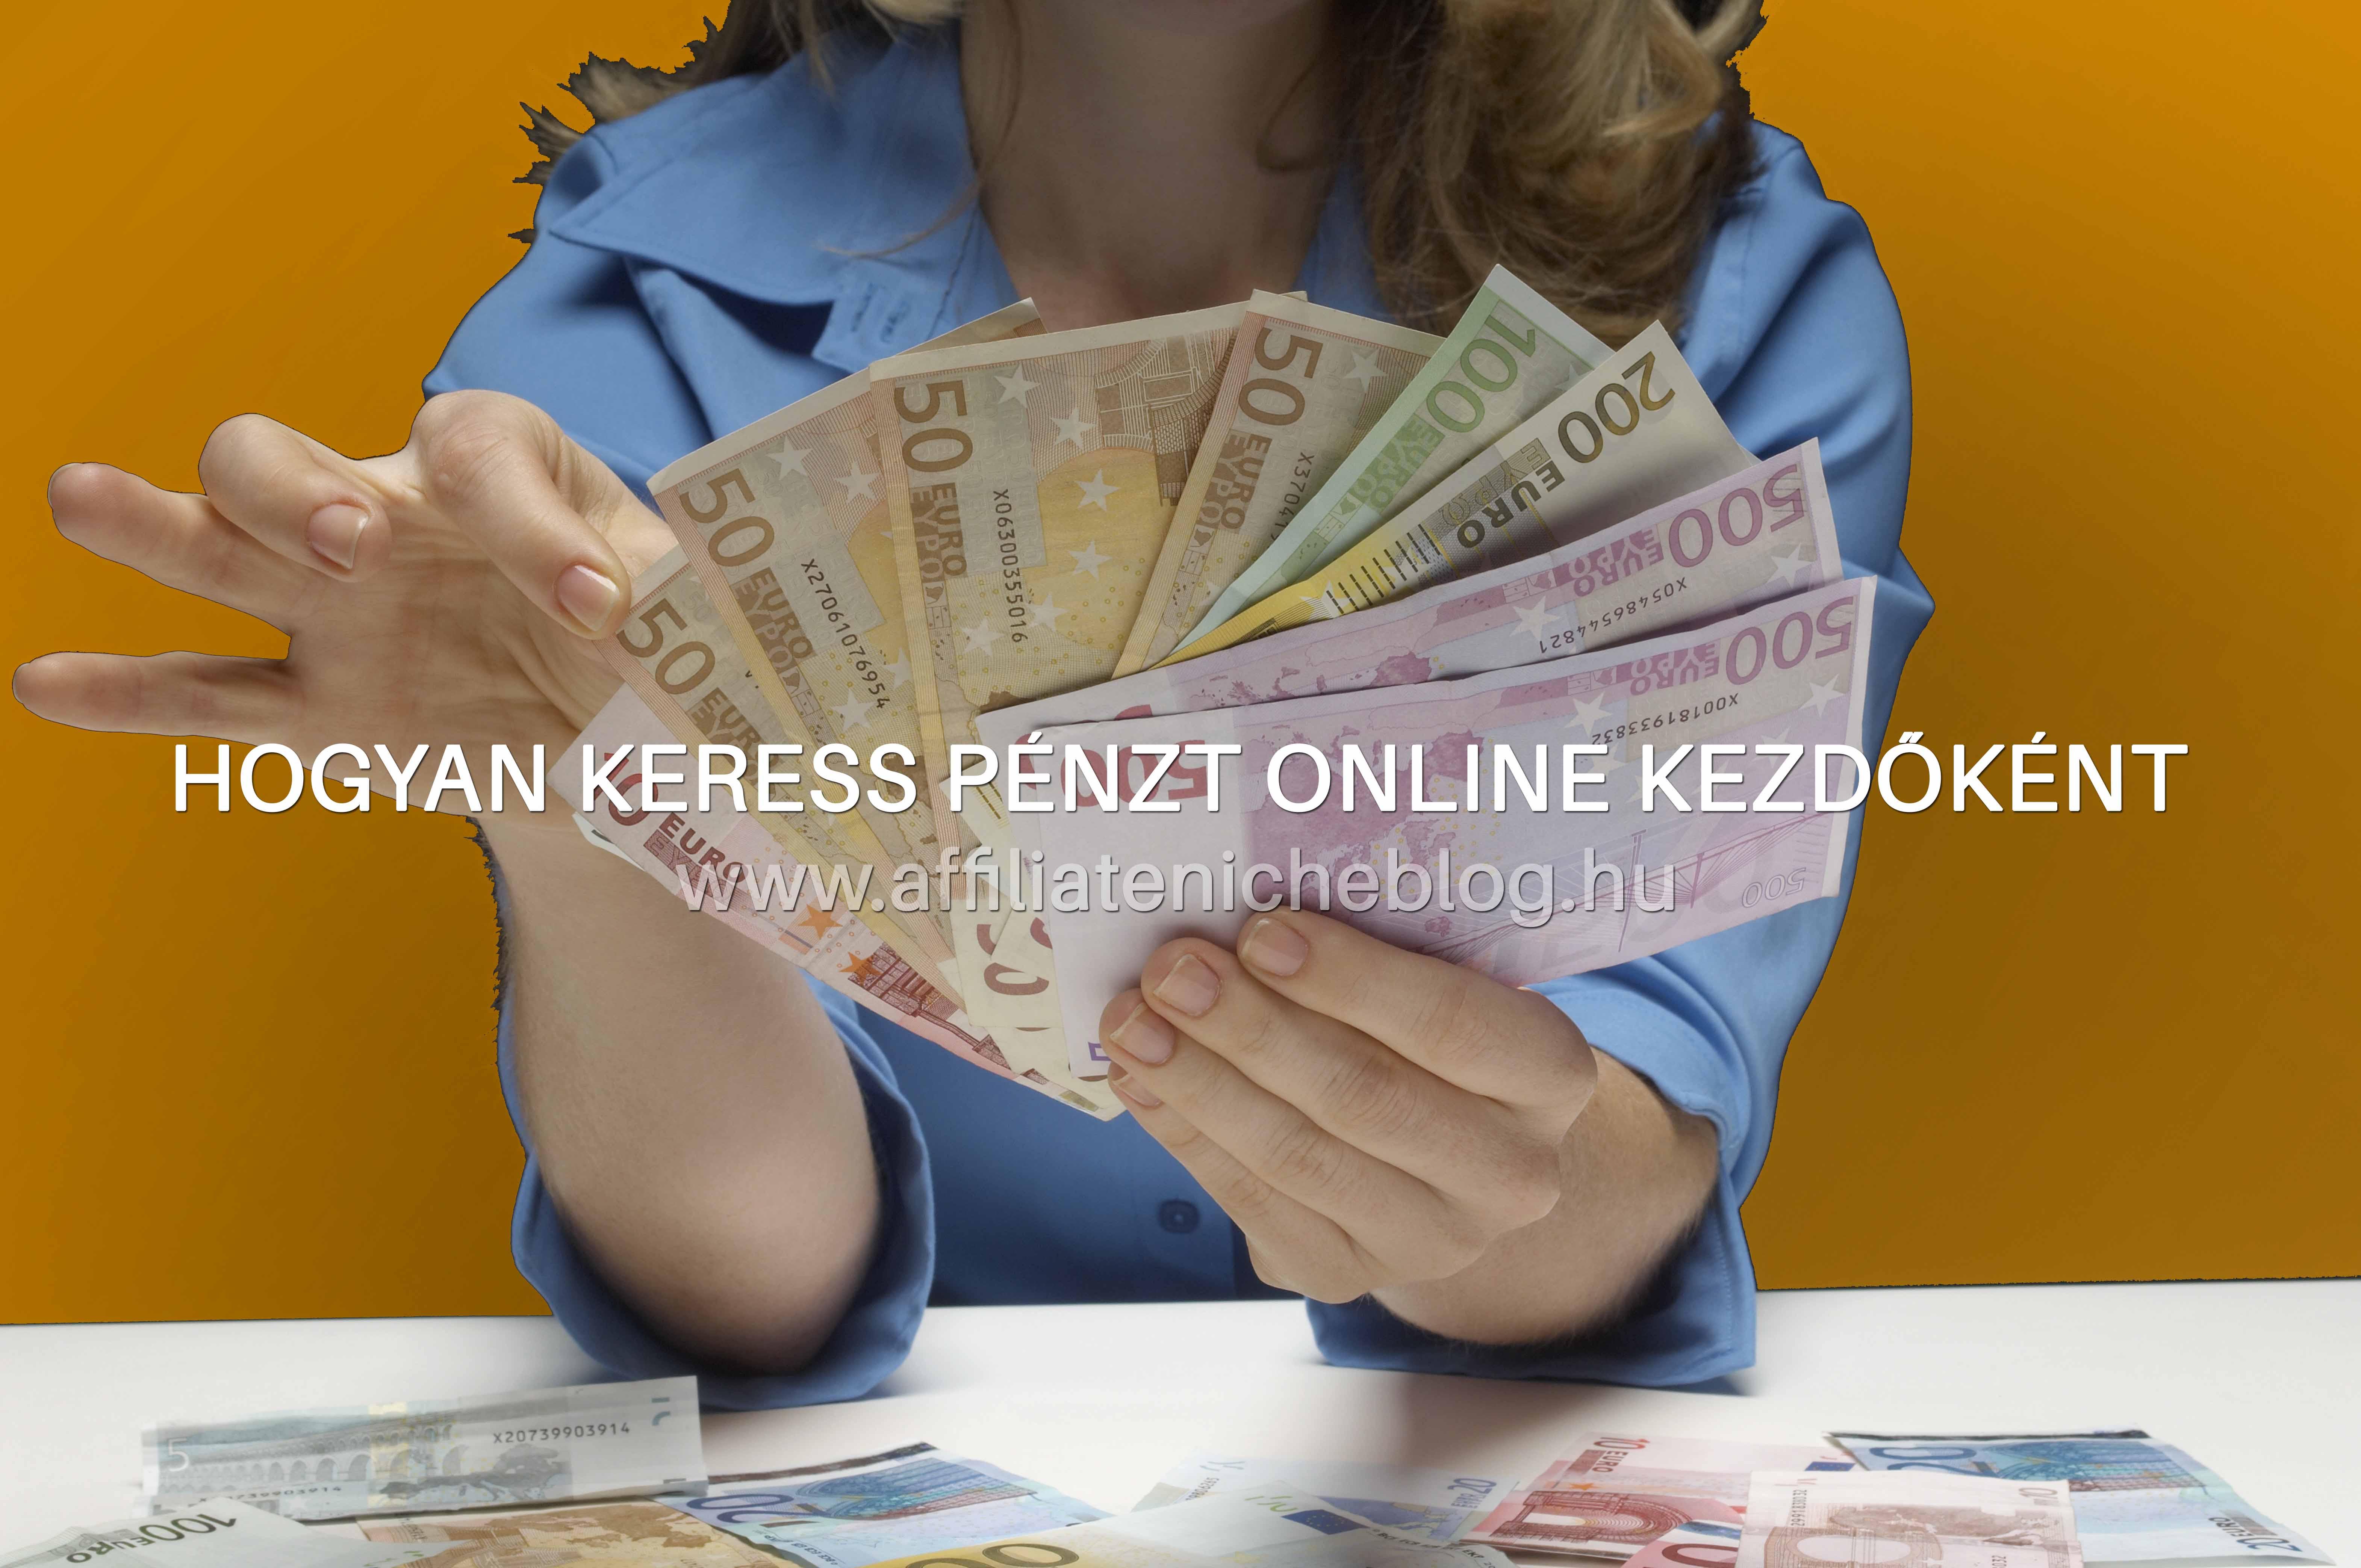 mit és hogyan lehet pénzt keresni az interneten